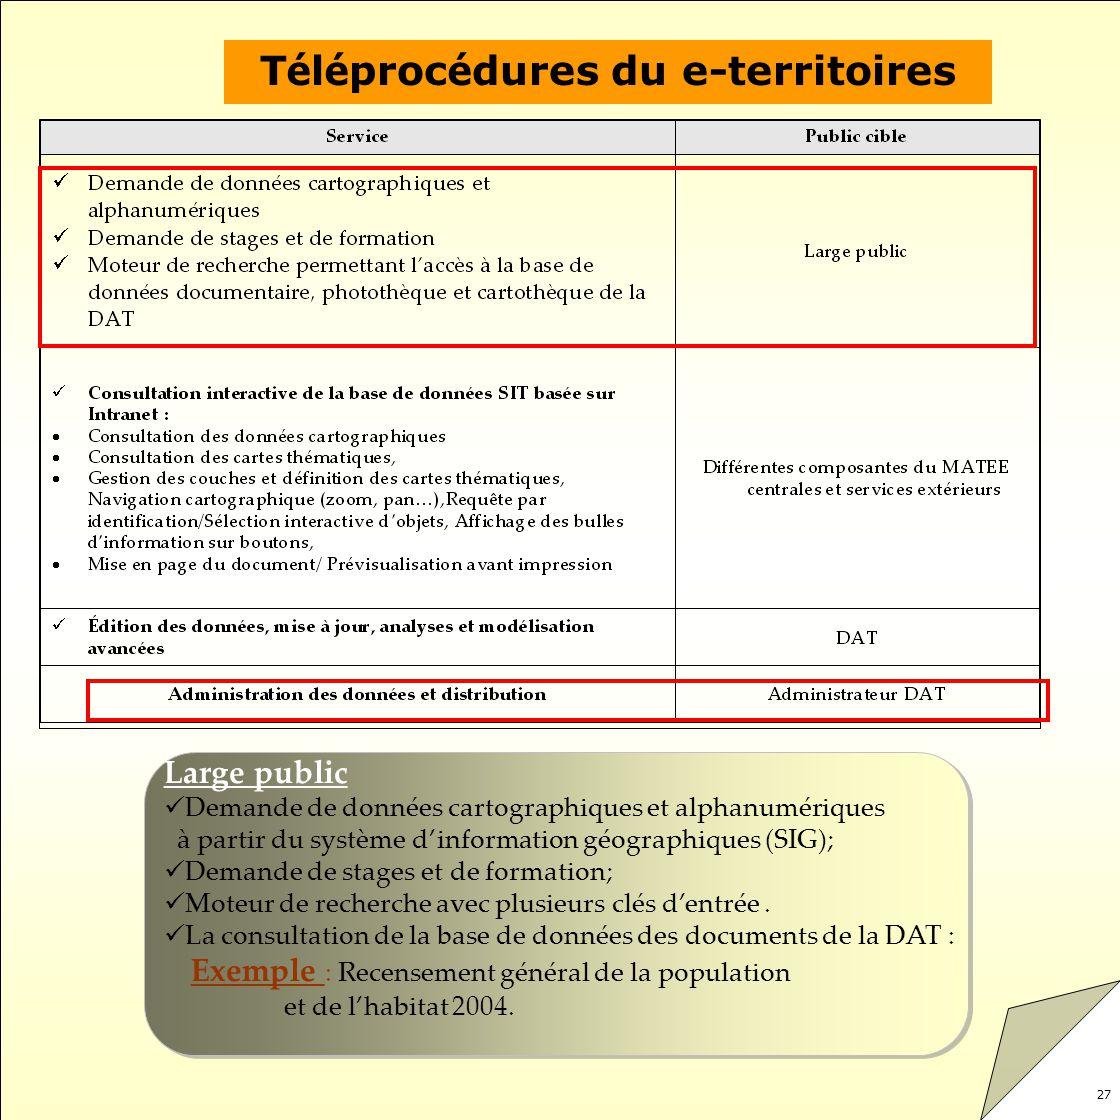 Téléprocédures du e-territoires